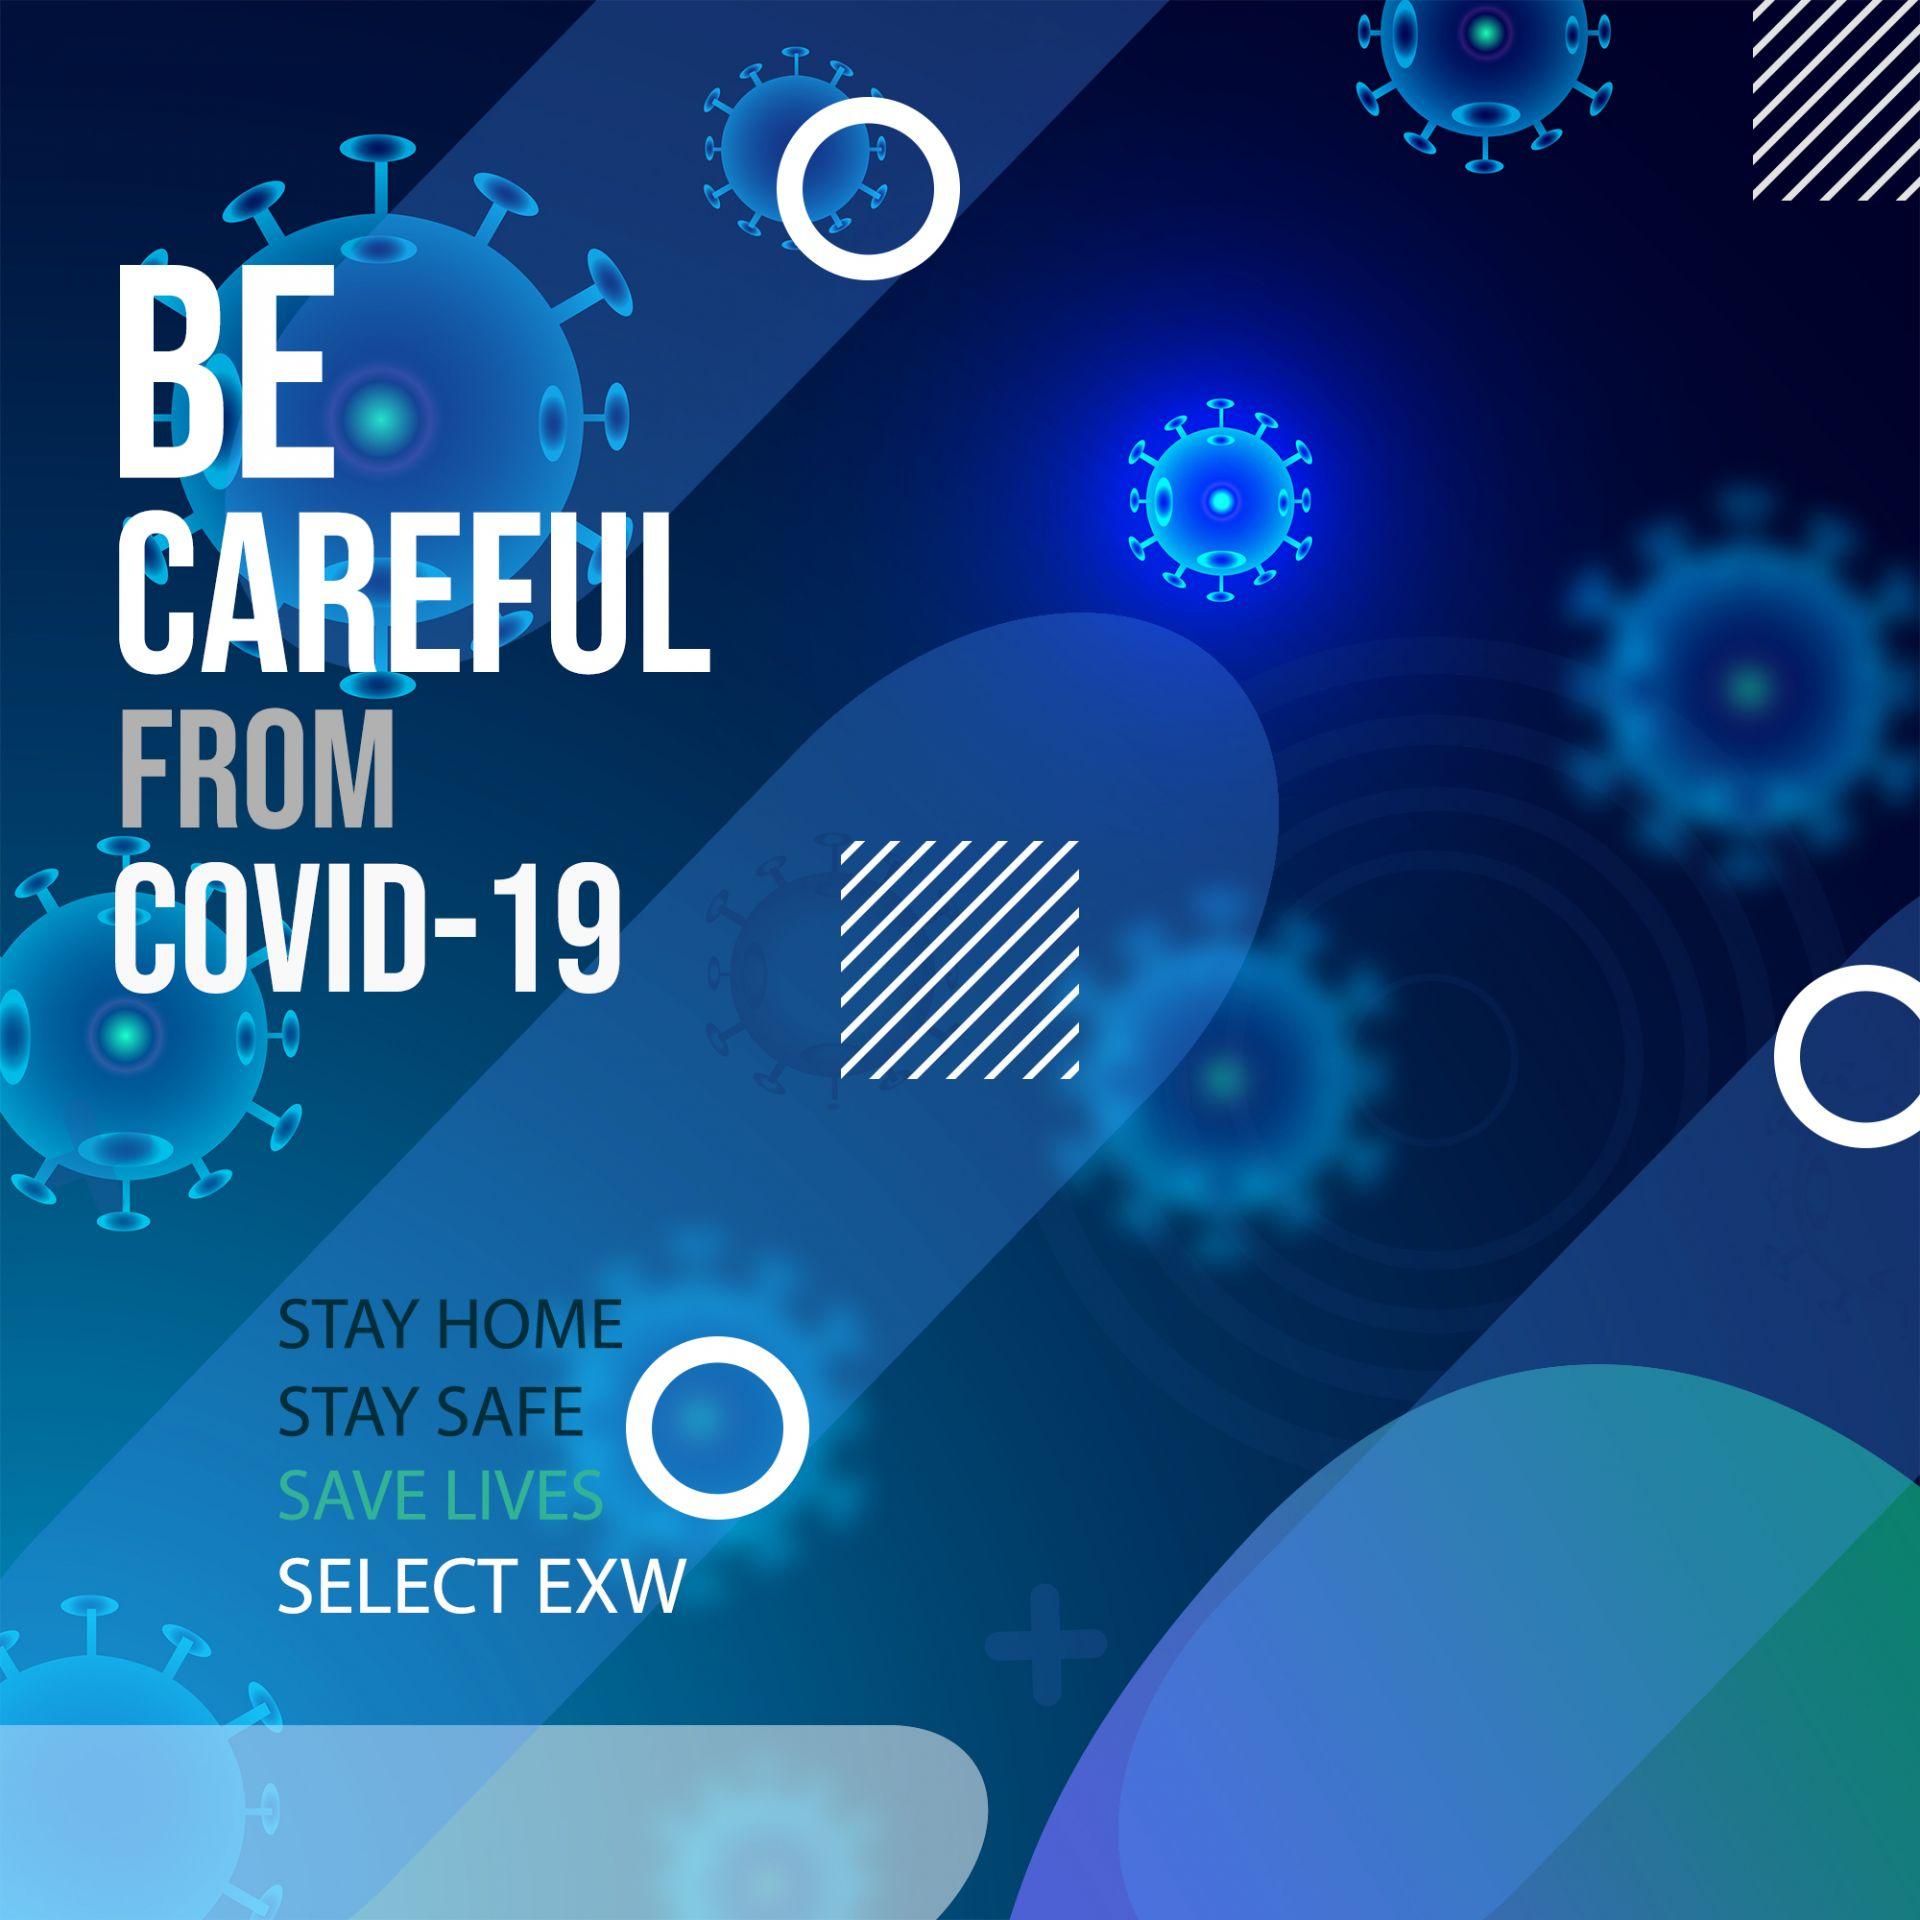 Az EXW kezet adhat a Covid-19 során